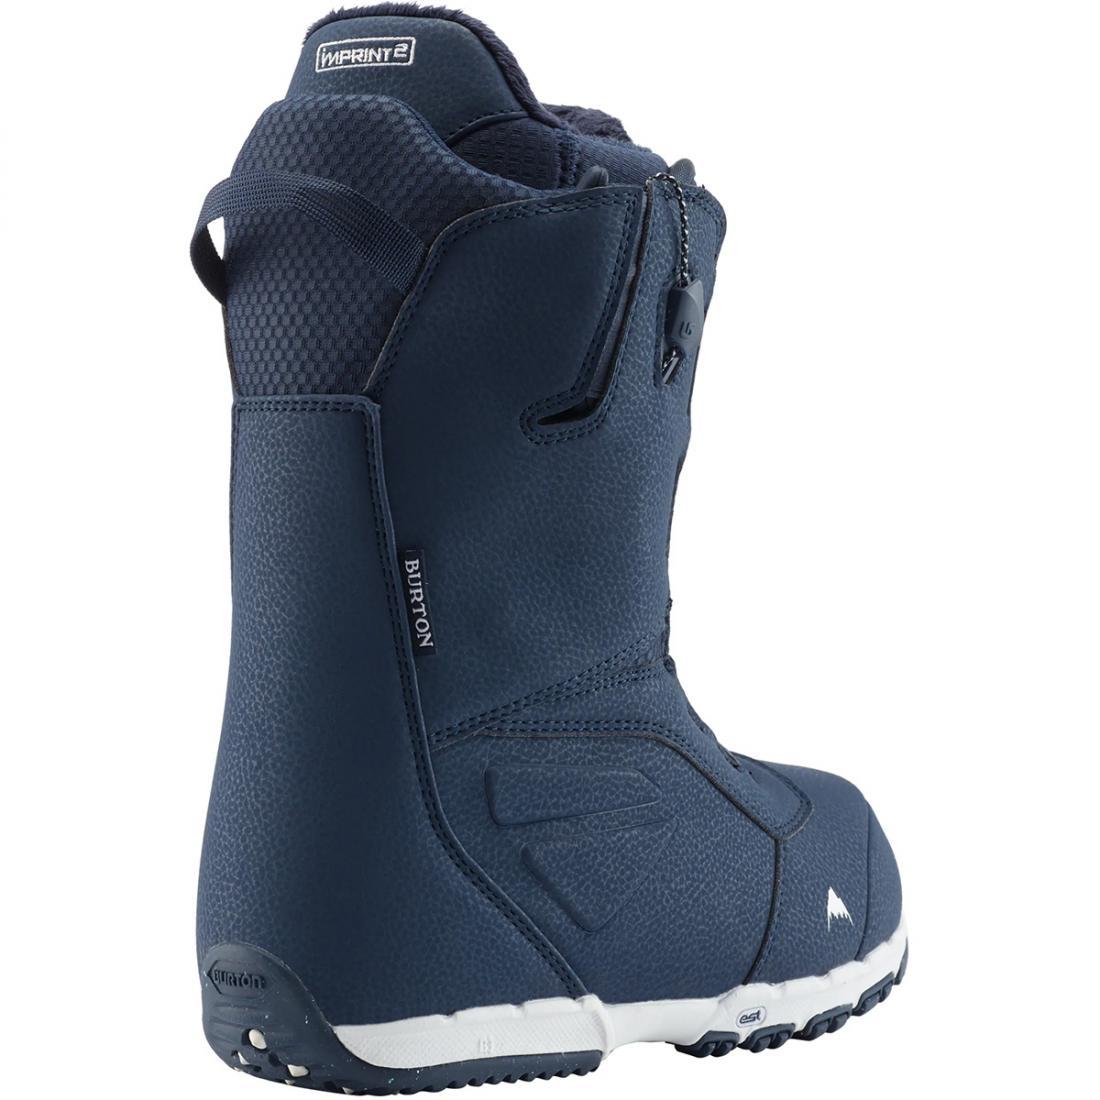 Ботинки для сноуборда Burton Ruler купить в Boardshop №1